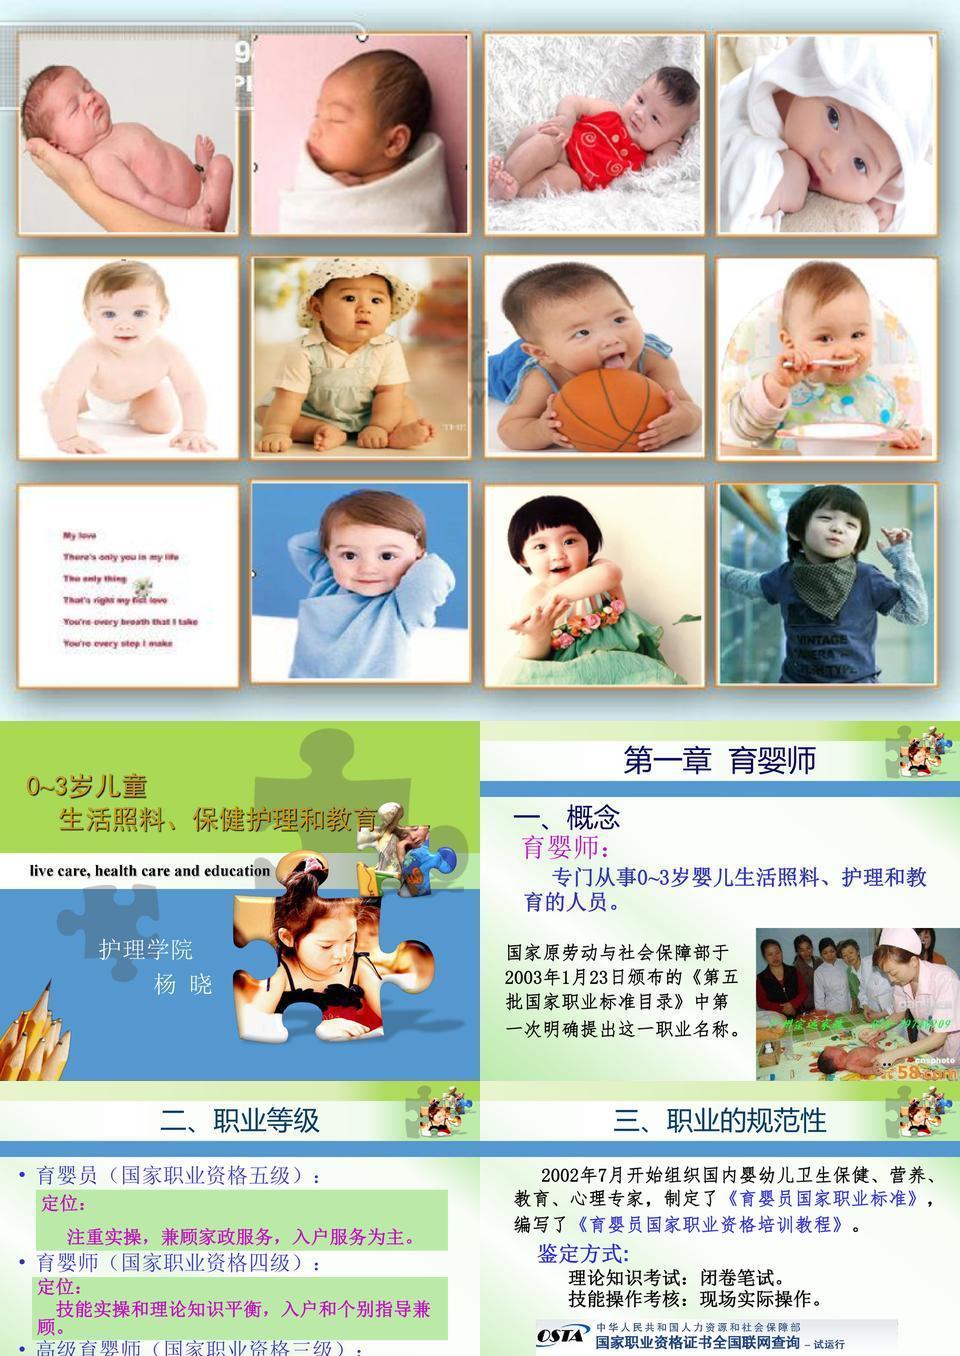 0~3岁儿童生活照料、保健护理和教育10.10.ppt